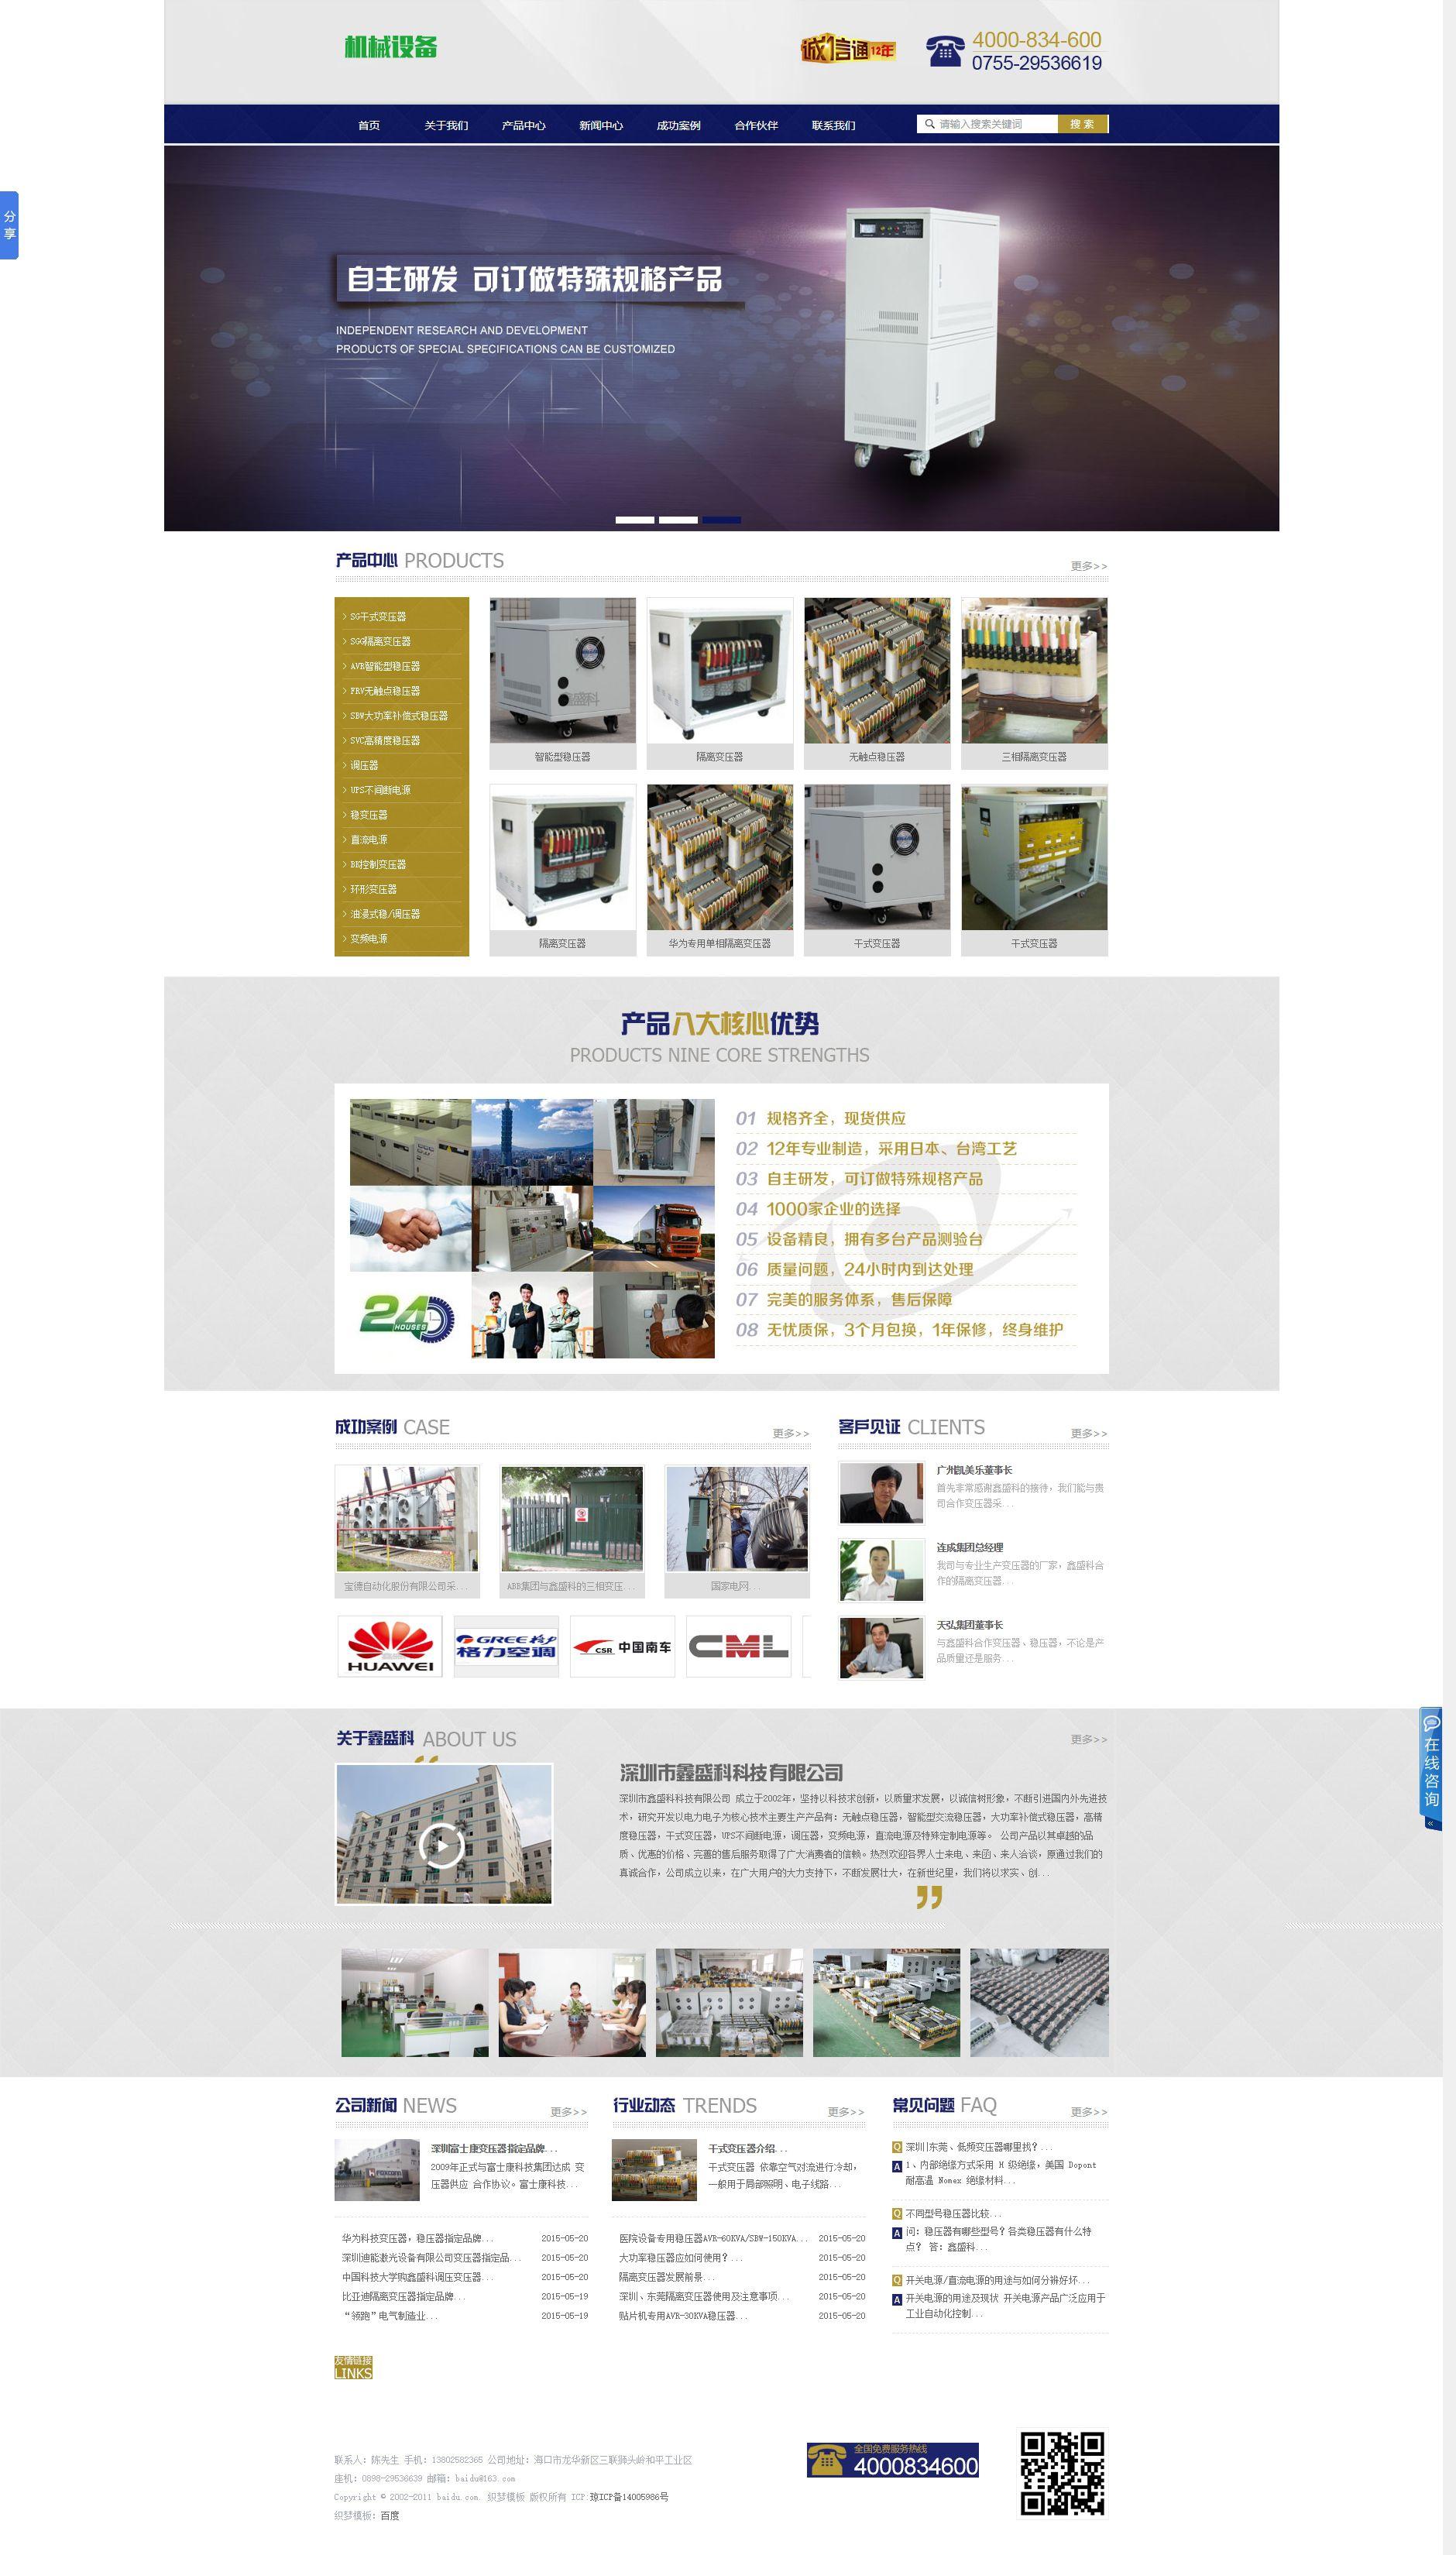 大气通用机械设备电子类企业织梦dedecms源码